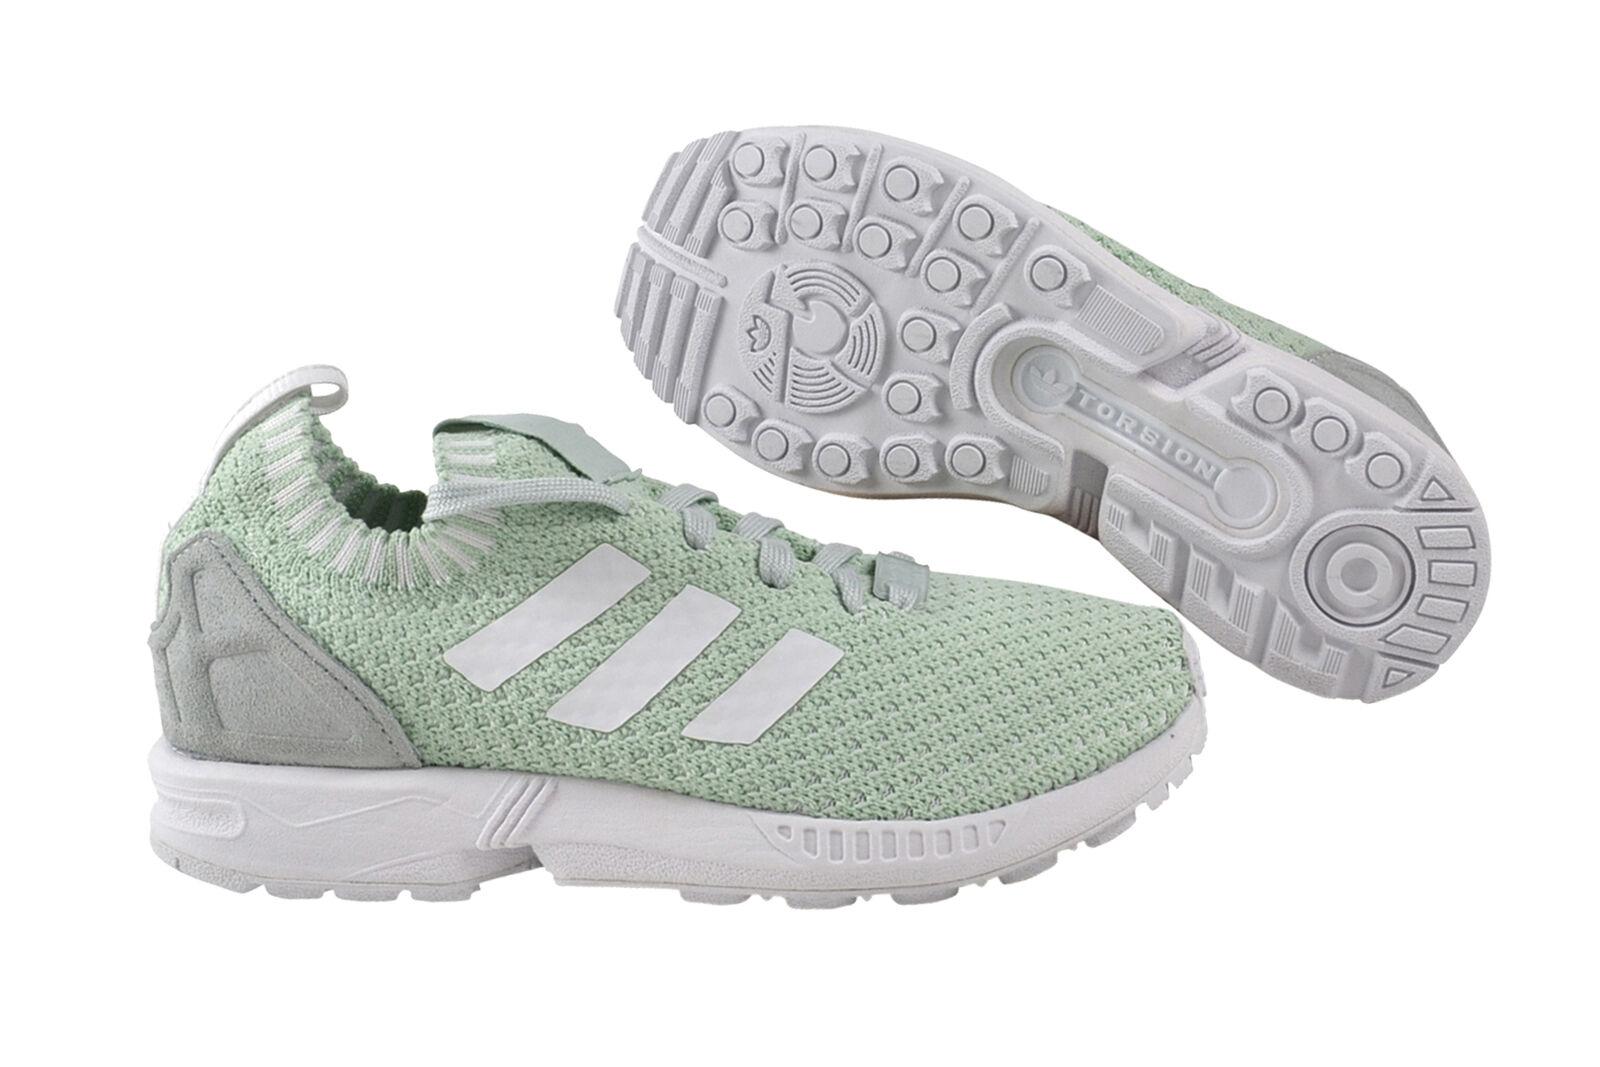 Adidas ZX Flux PK Damens vapor green WEISS Sneaker Schuhe grün weiß S81899